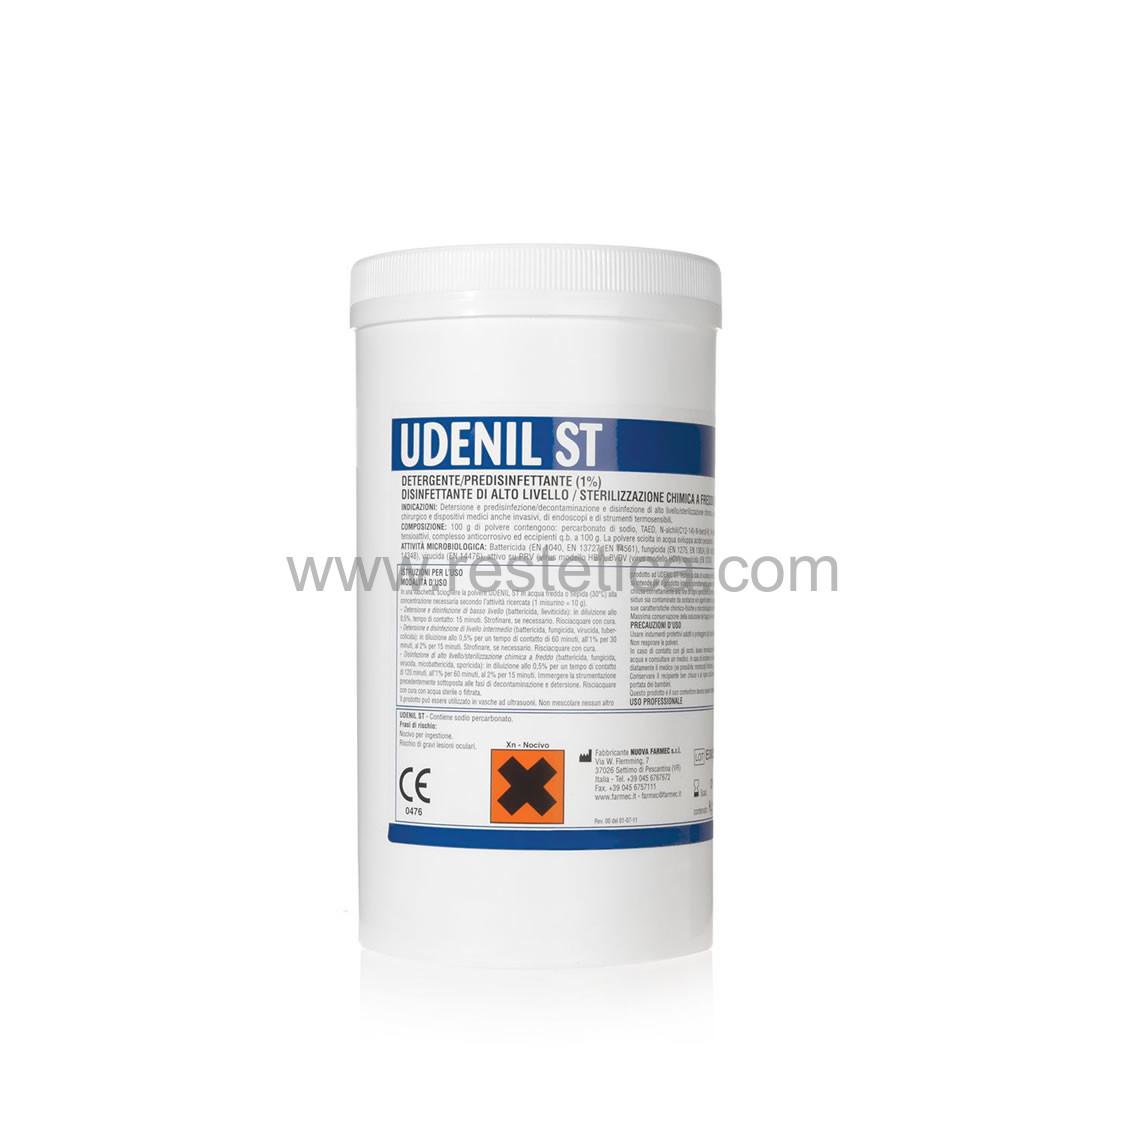 Udenil Disinfectant Powder - 1kg